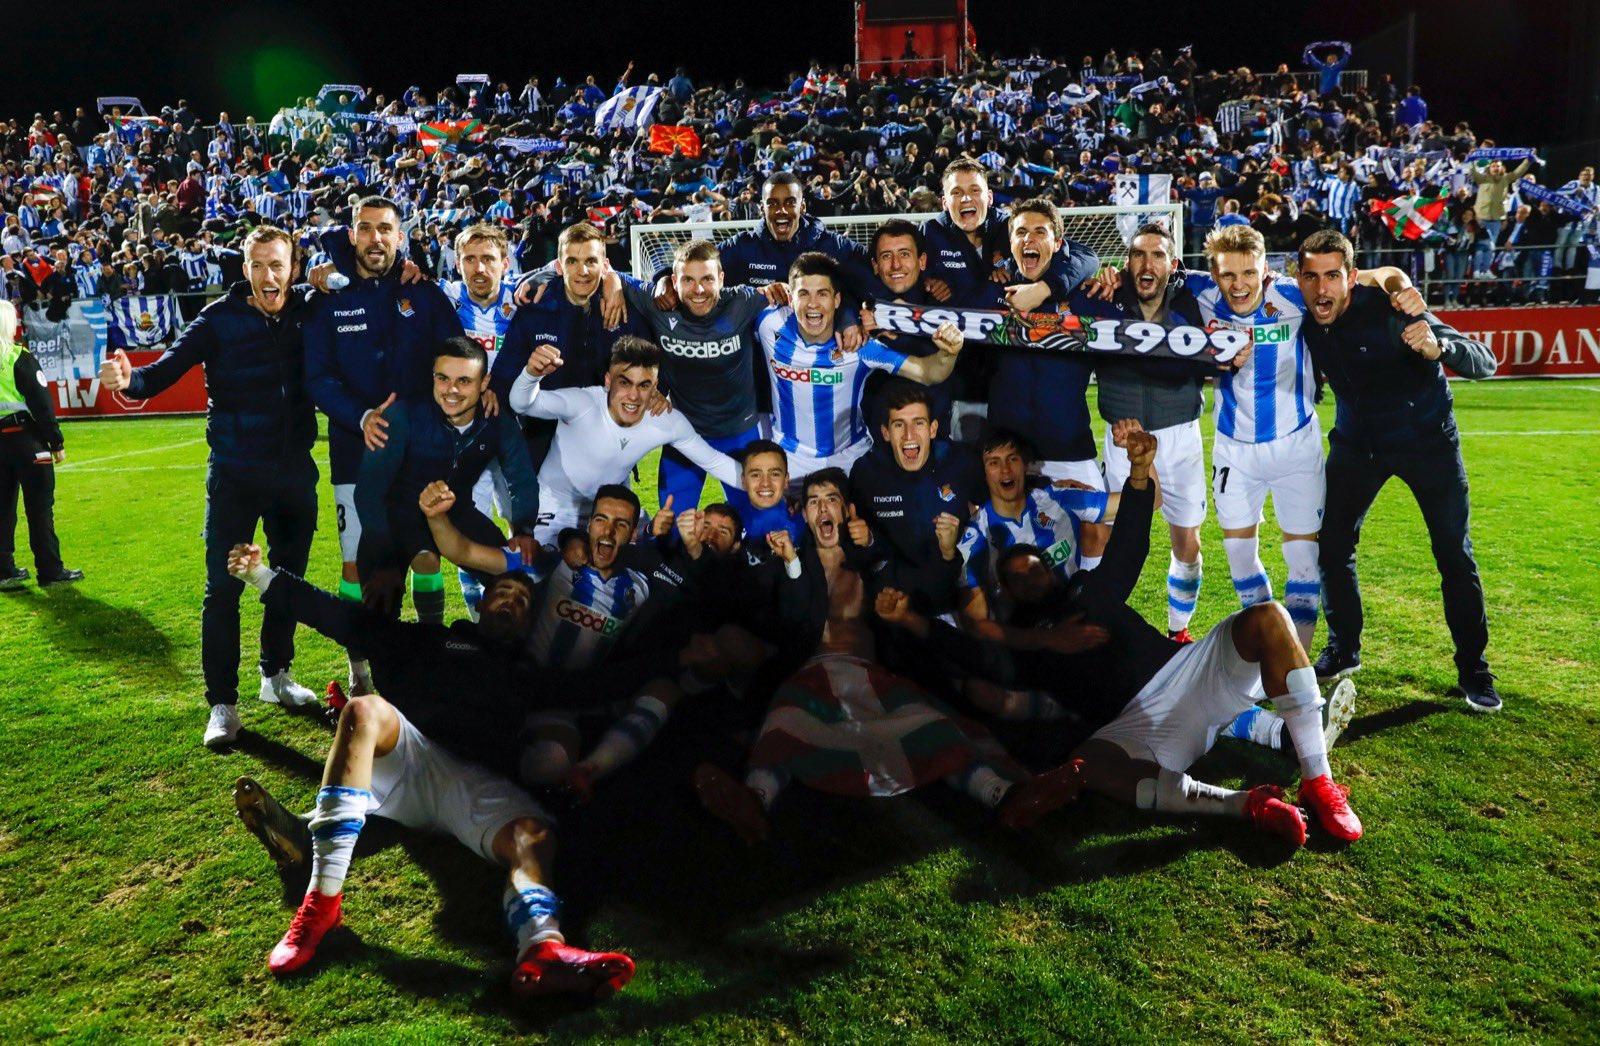 La plantilla de la Real celebrando la clasificación a la final hace ya un año. Foto: Real sociedad